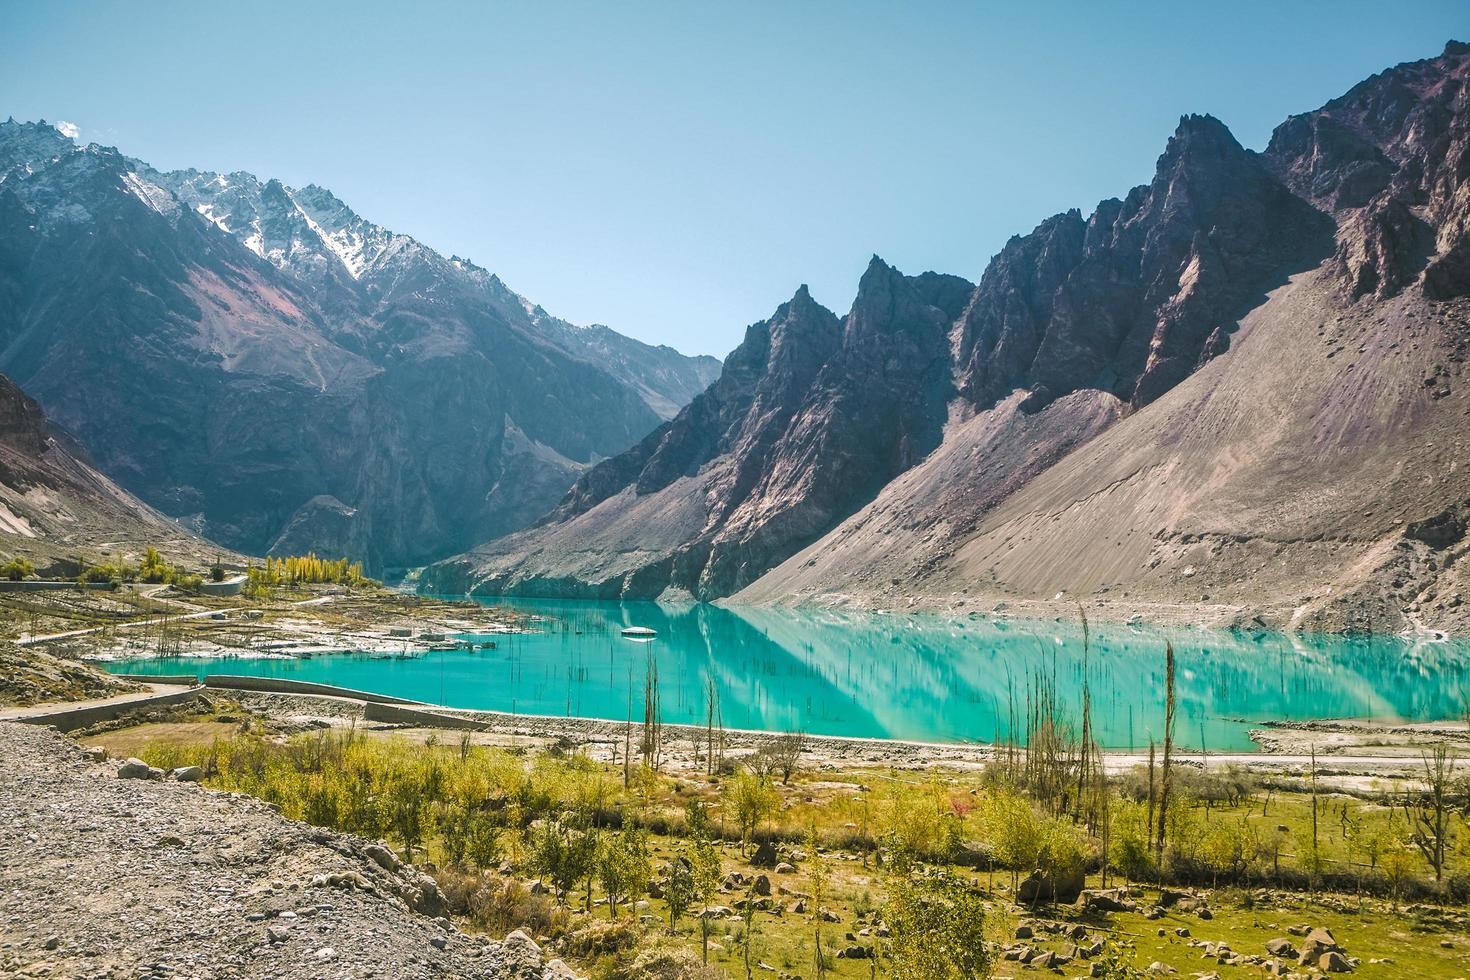 Attabad See in Karakoram Gebirgszug, Hunza Tal, Pakistan. foto